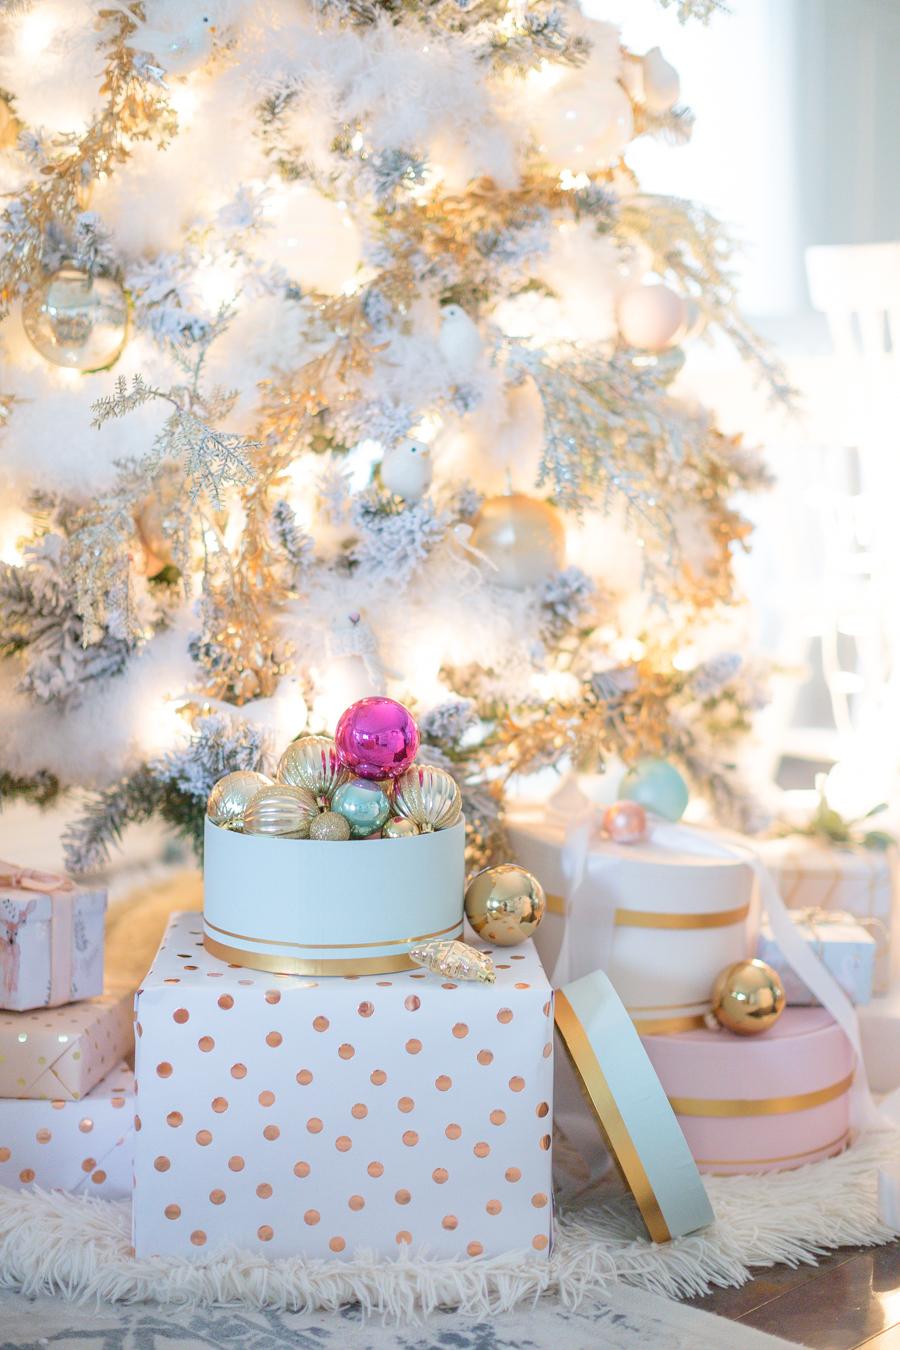 Die Lichterkette für den Weihnachtsbaum ist absolut empfehlenswert